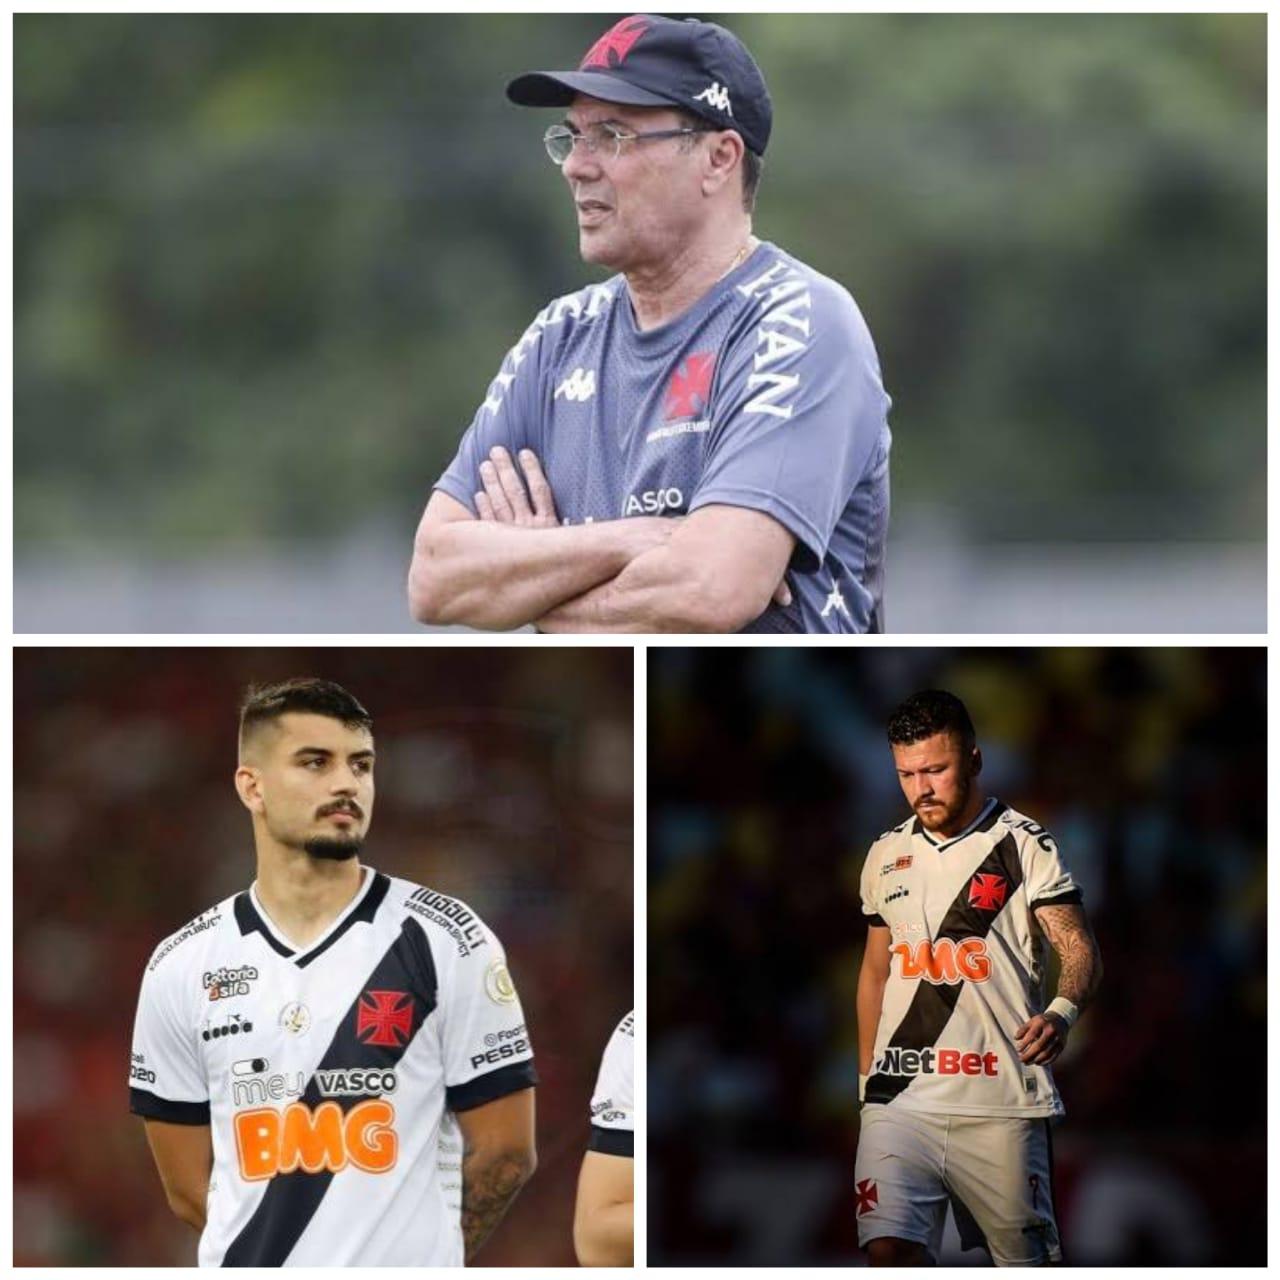 Luxemburgo, Ricardo Graça e Rossi com a camisa do Vasco